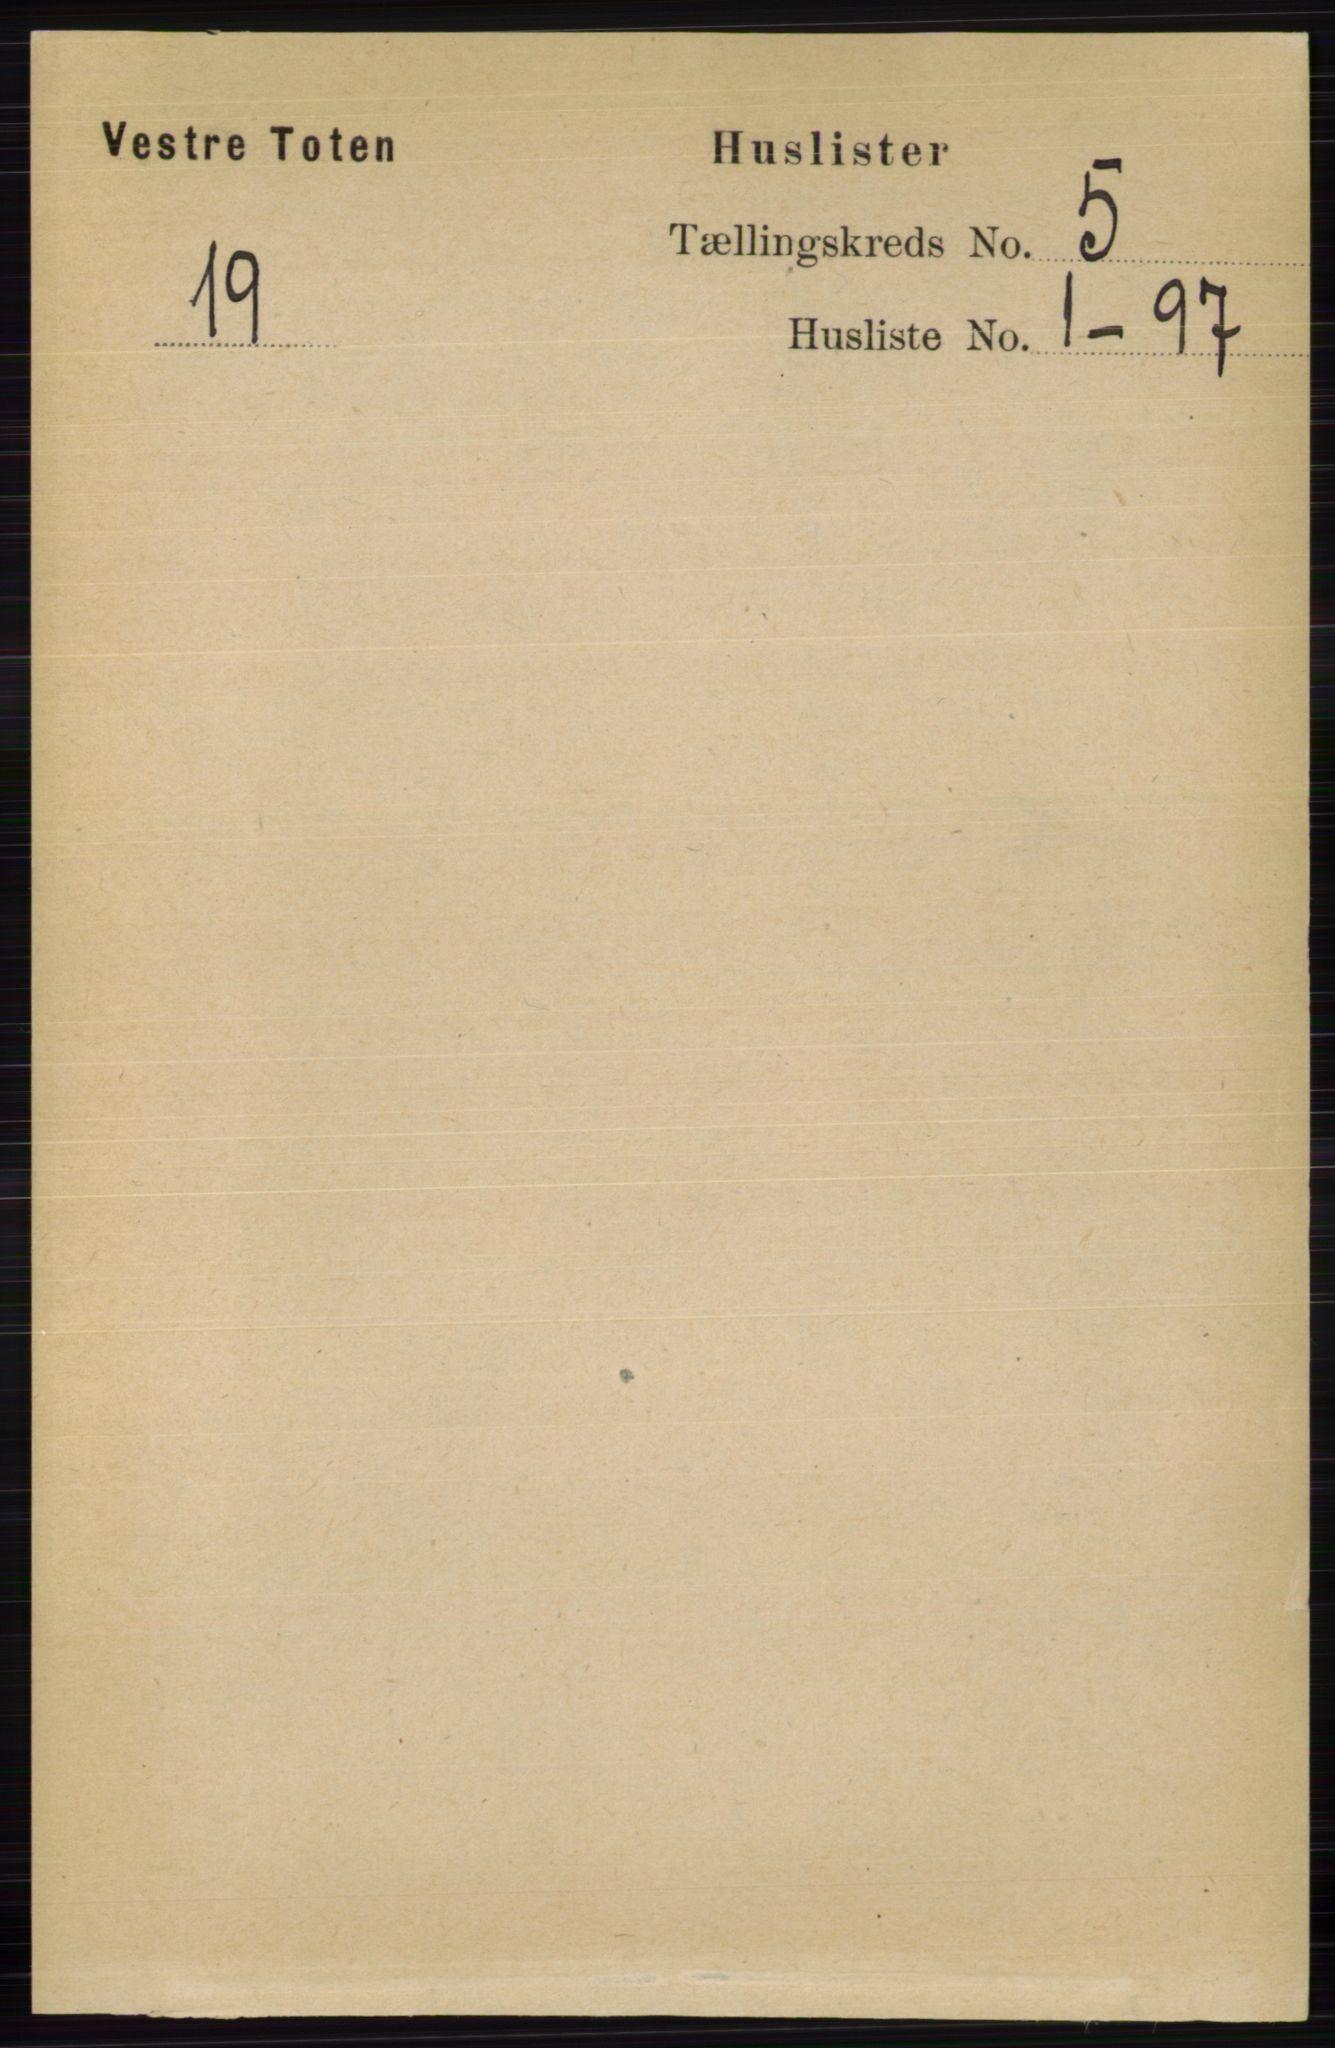 RA, Folketelling 1891 for 0529 Vestre Toten herred, 1891, s. 3130